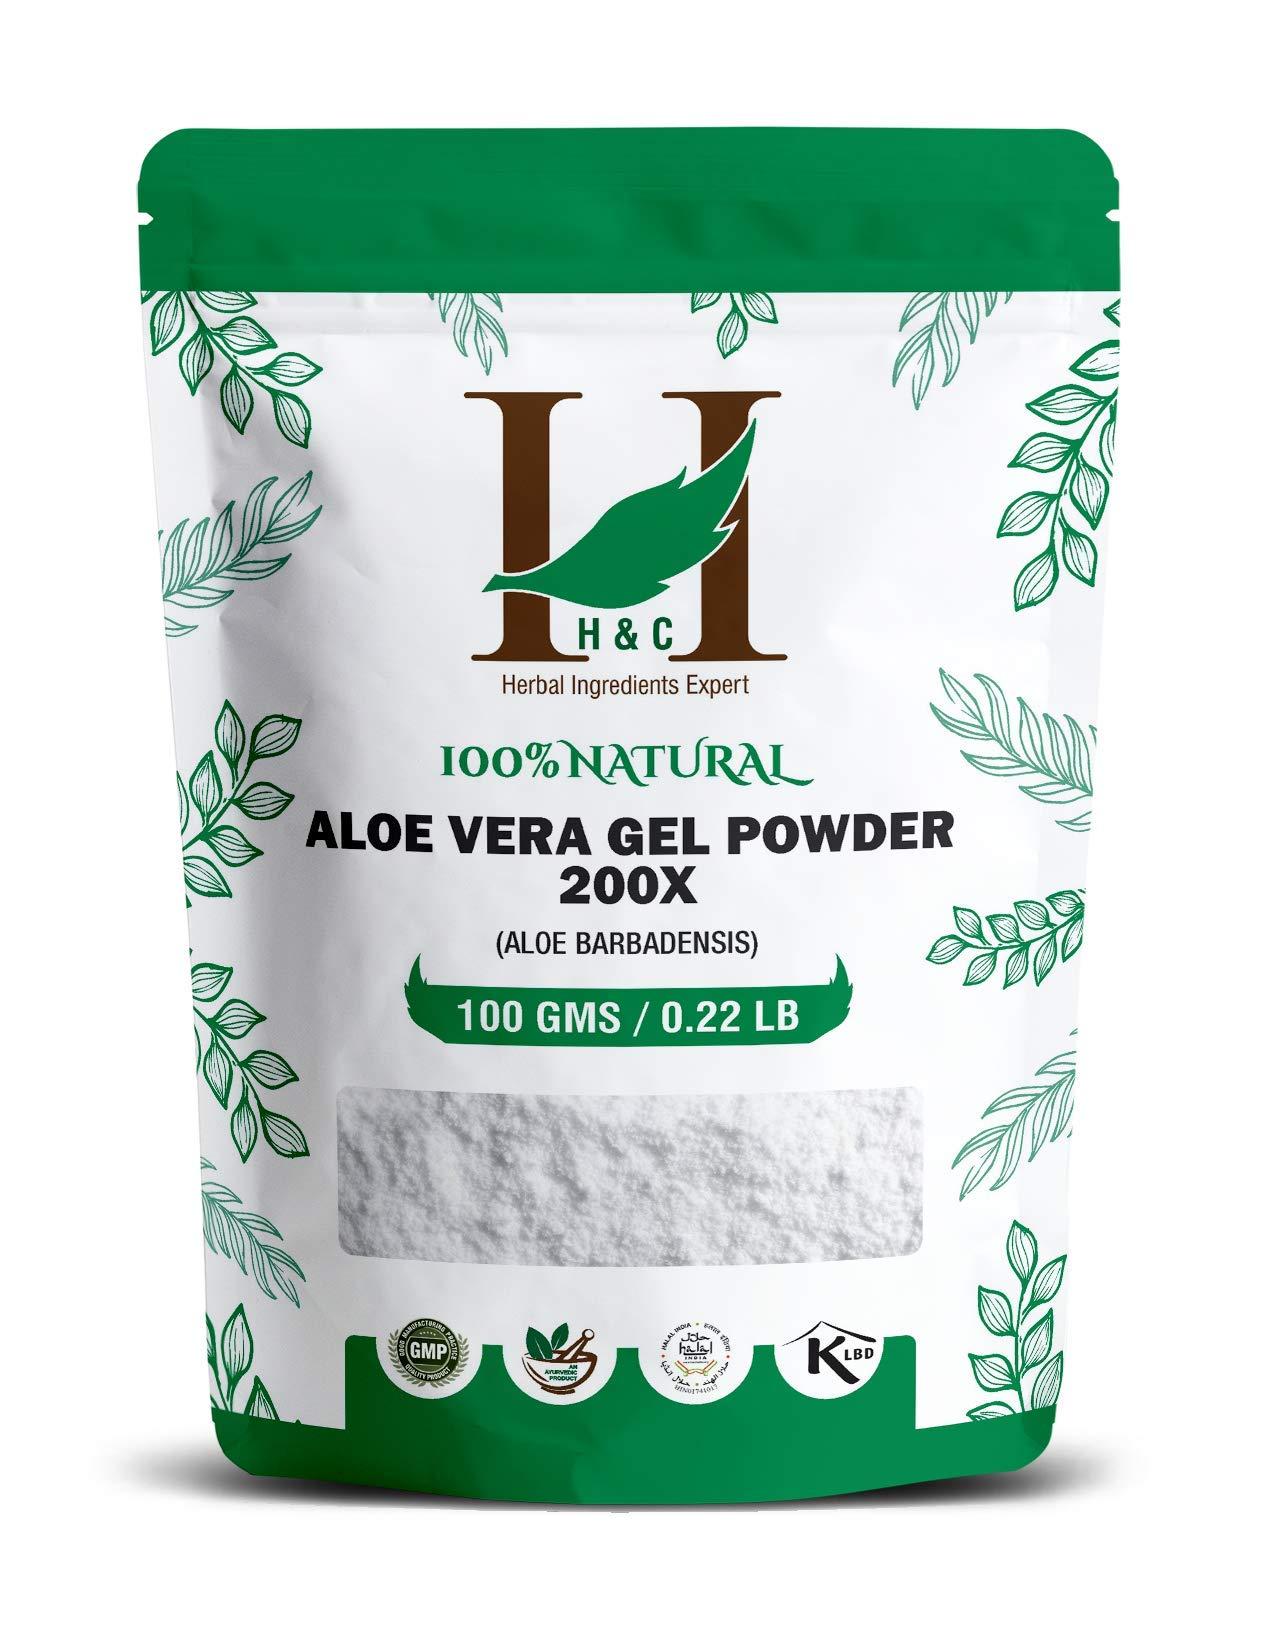 100% Pure Aloe Vera Gel Powder 200X - Highly Concentrated Spray Dried Gel Powder- (100g)